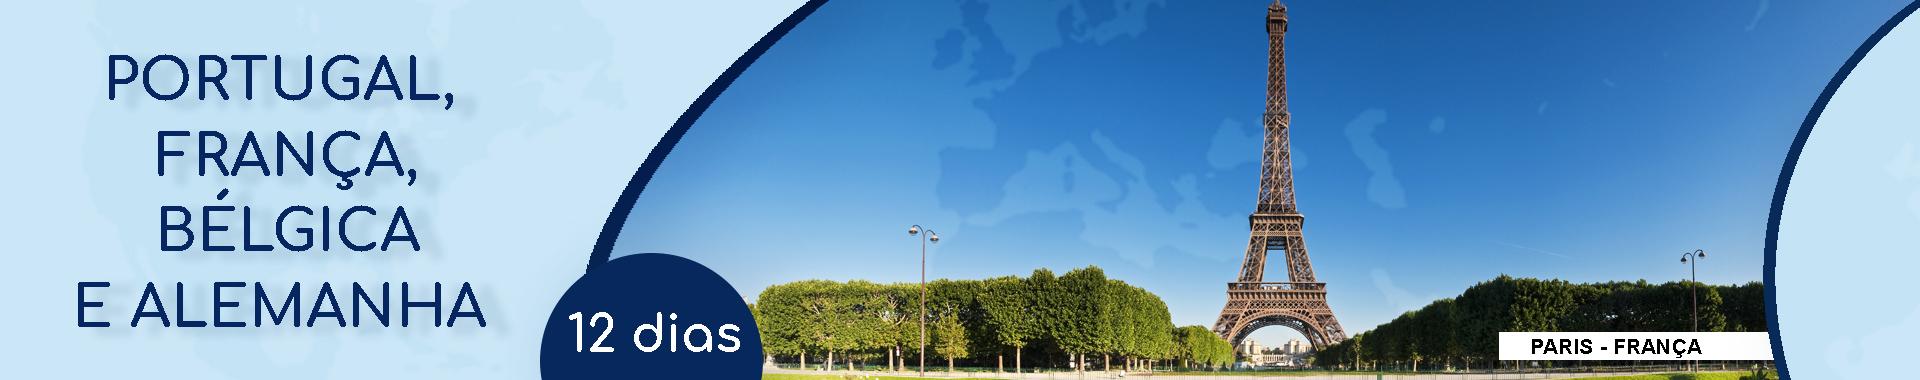 Roteiro de 20/11 – PORTUGAL, FRANÇA, BÉLGICA e ALEMANHA – 12 dias – Pe. Clayton